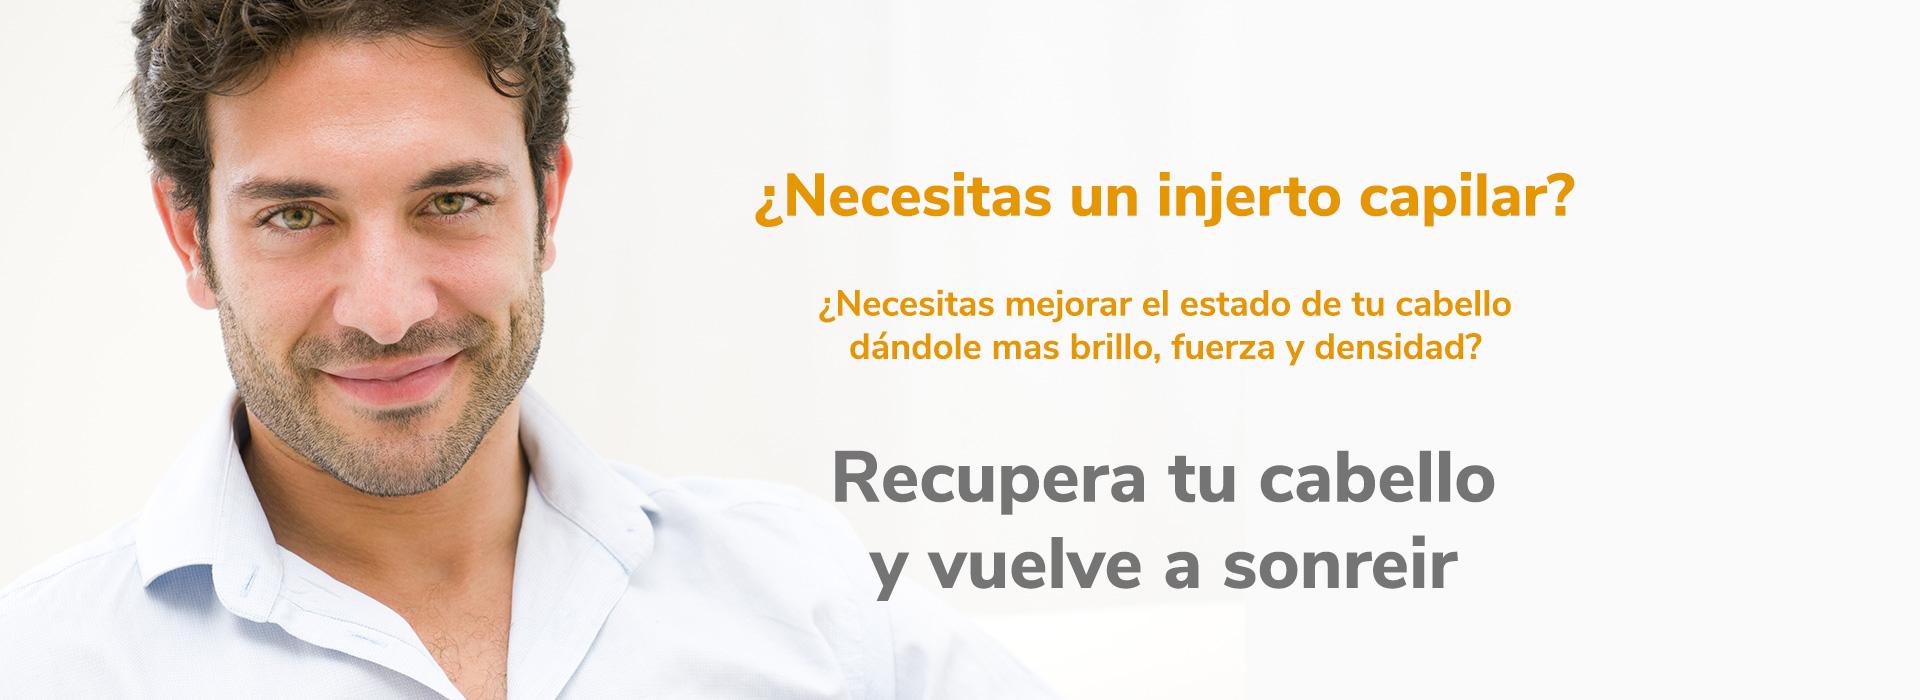 banner_injerto-capilar